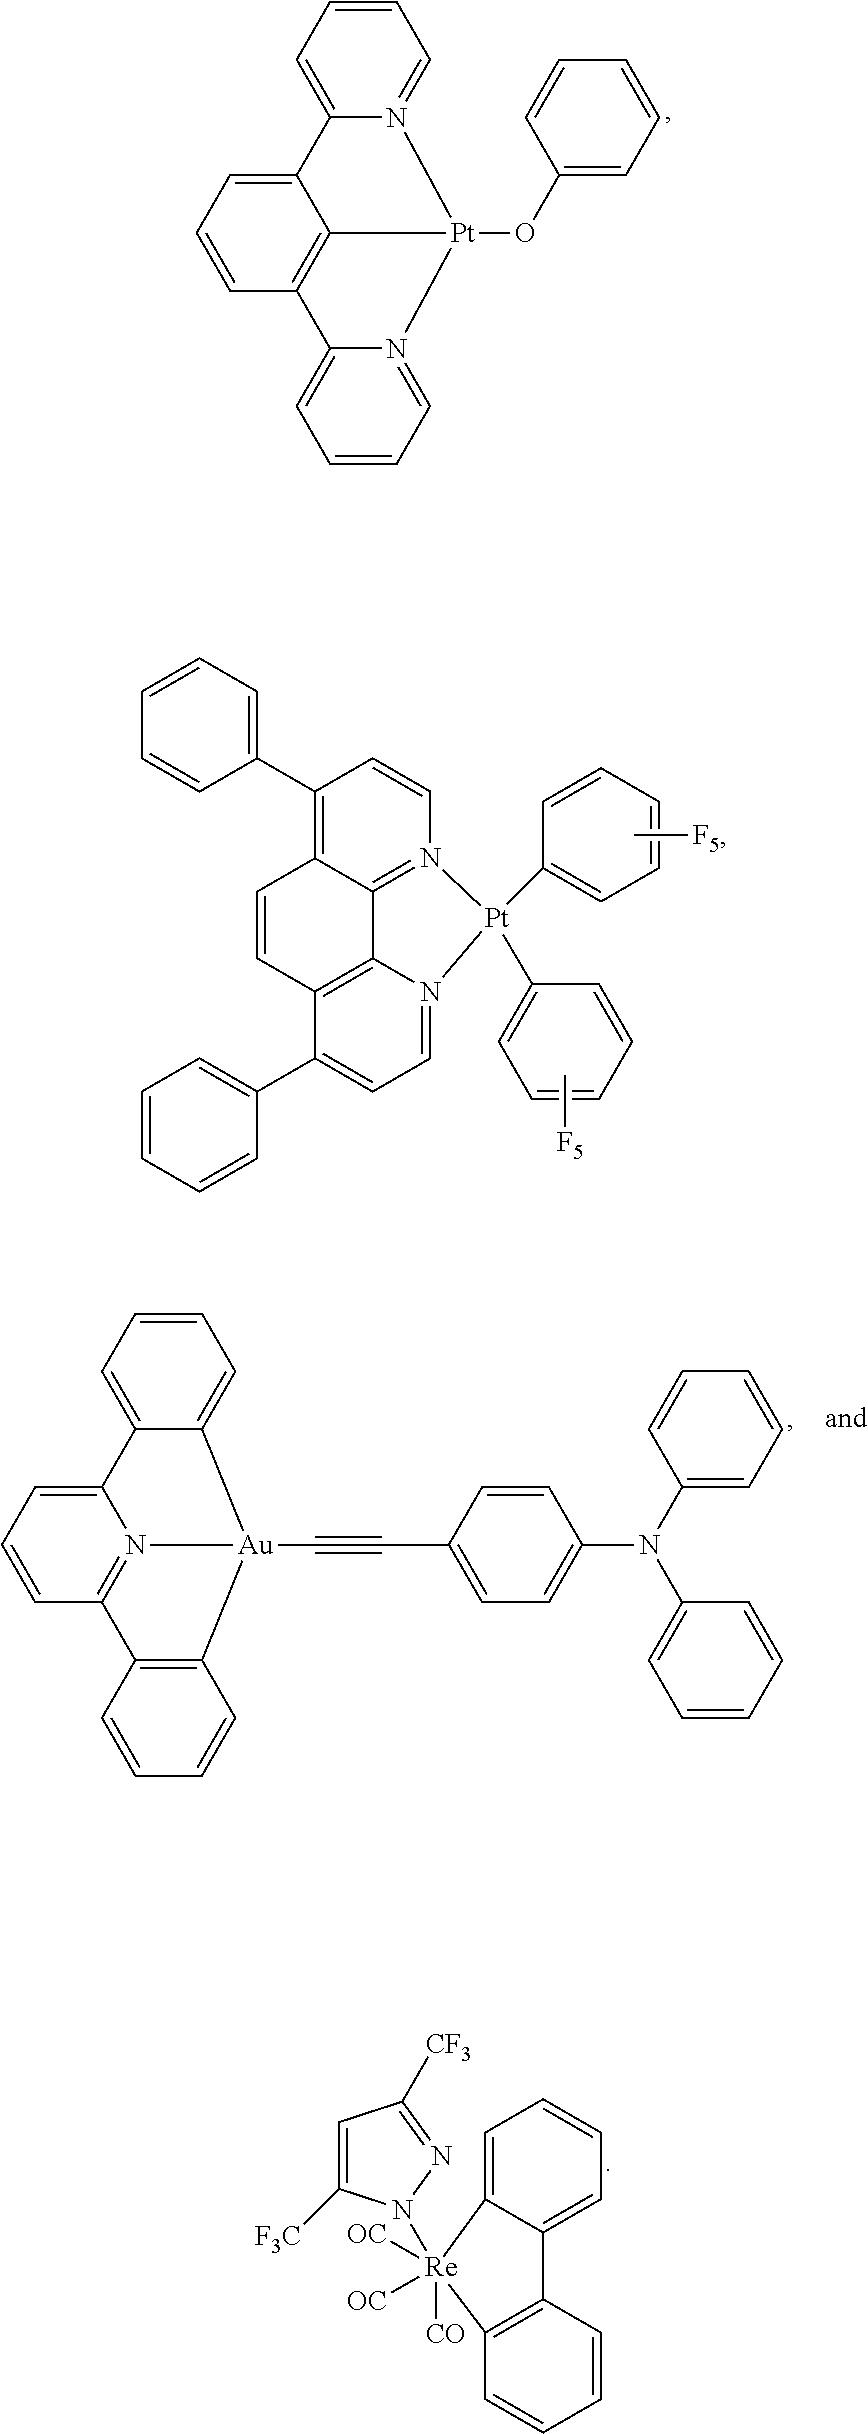 Figure US09455411-20160927-C00205